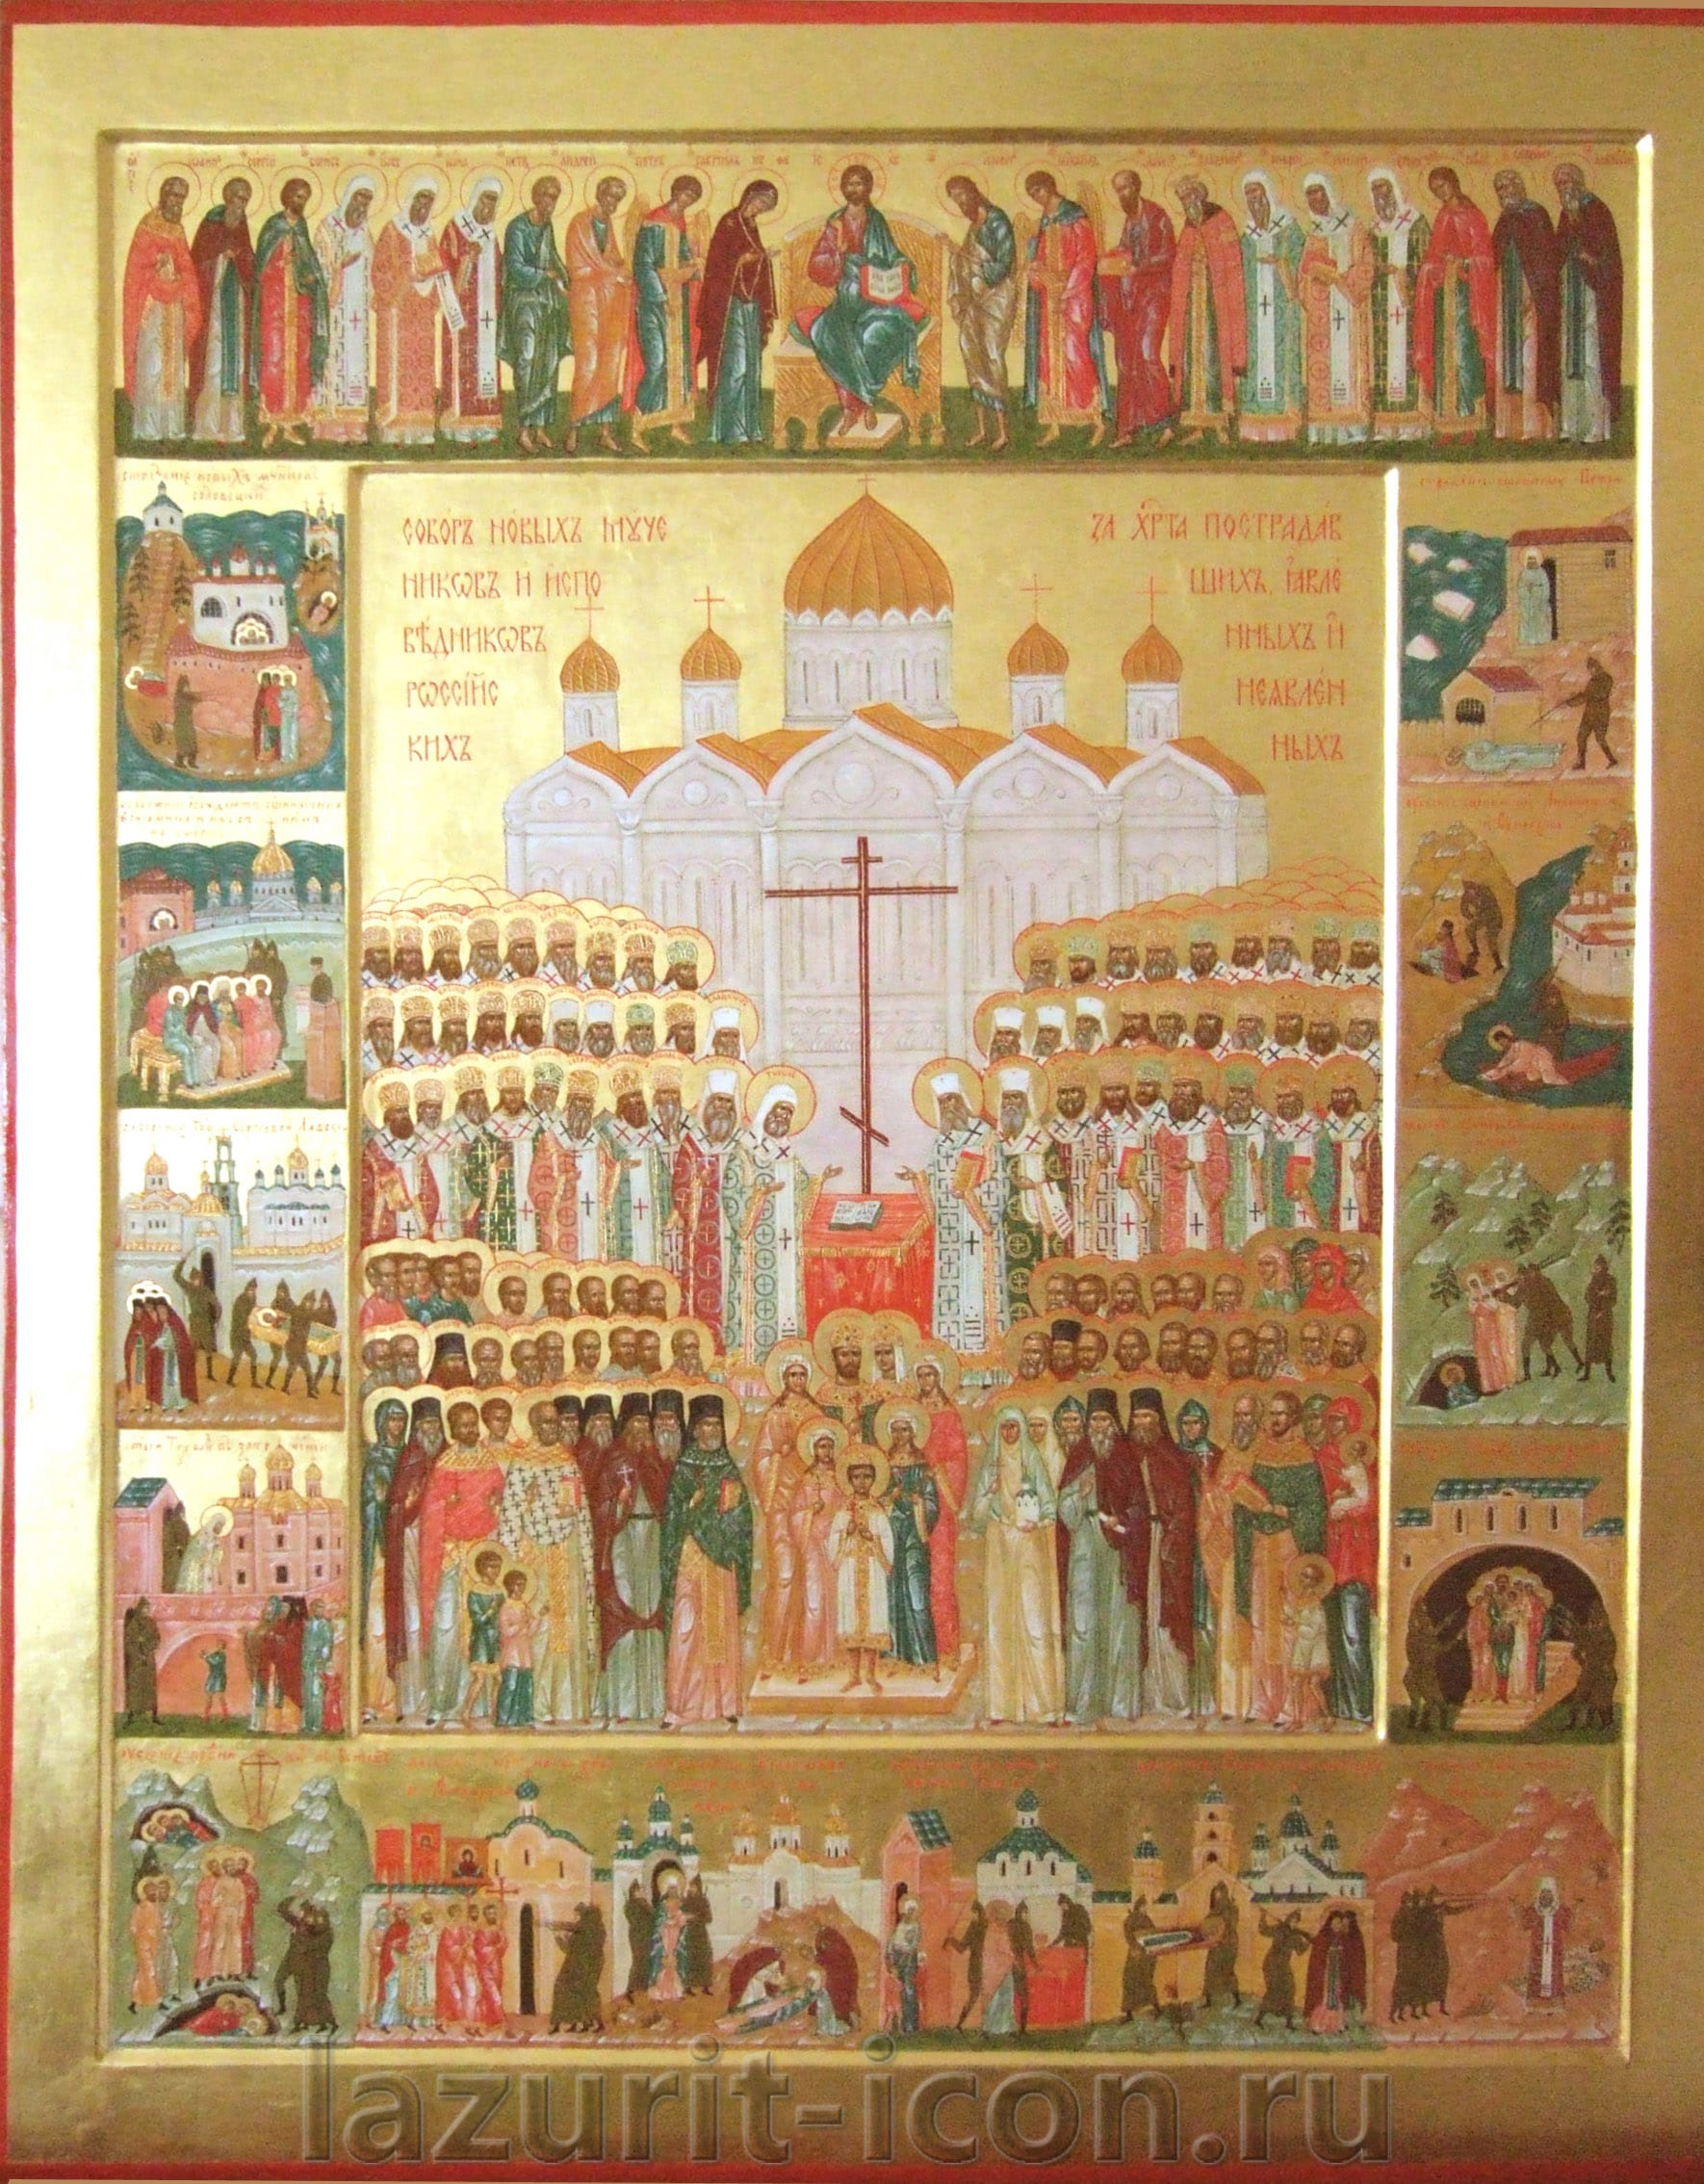 Собор новомучеников и исповедников российских